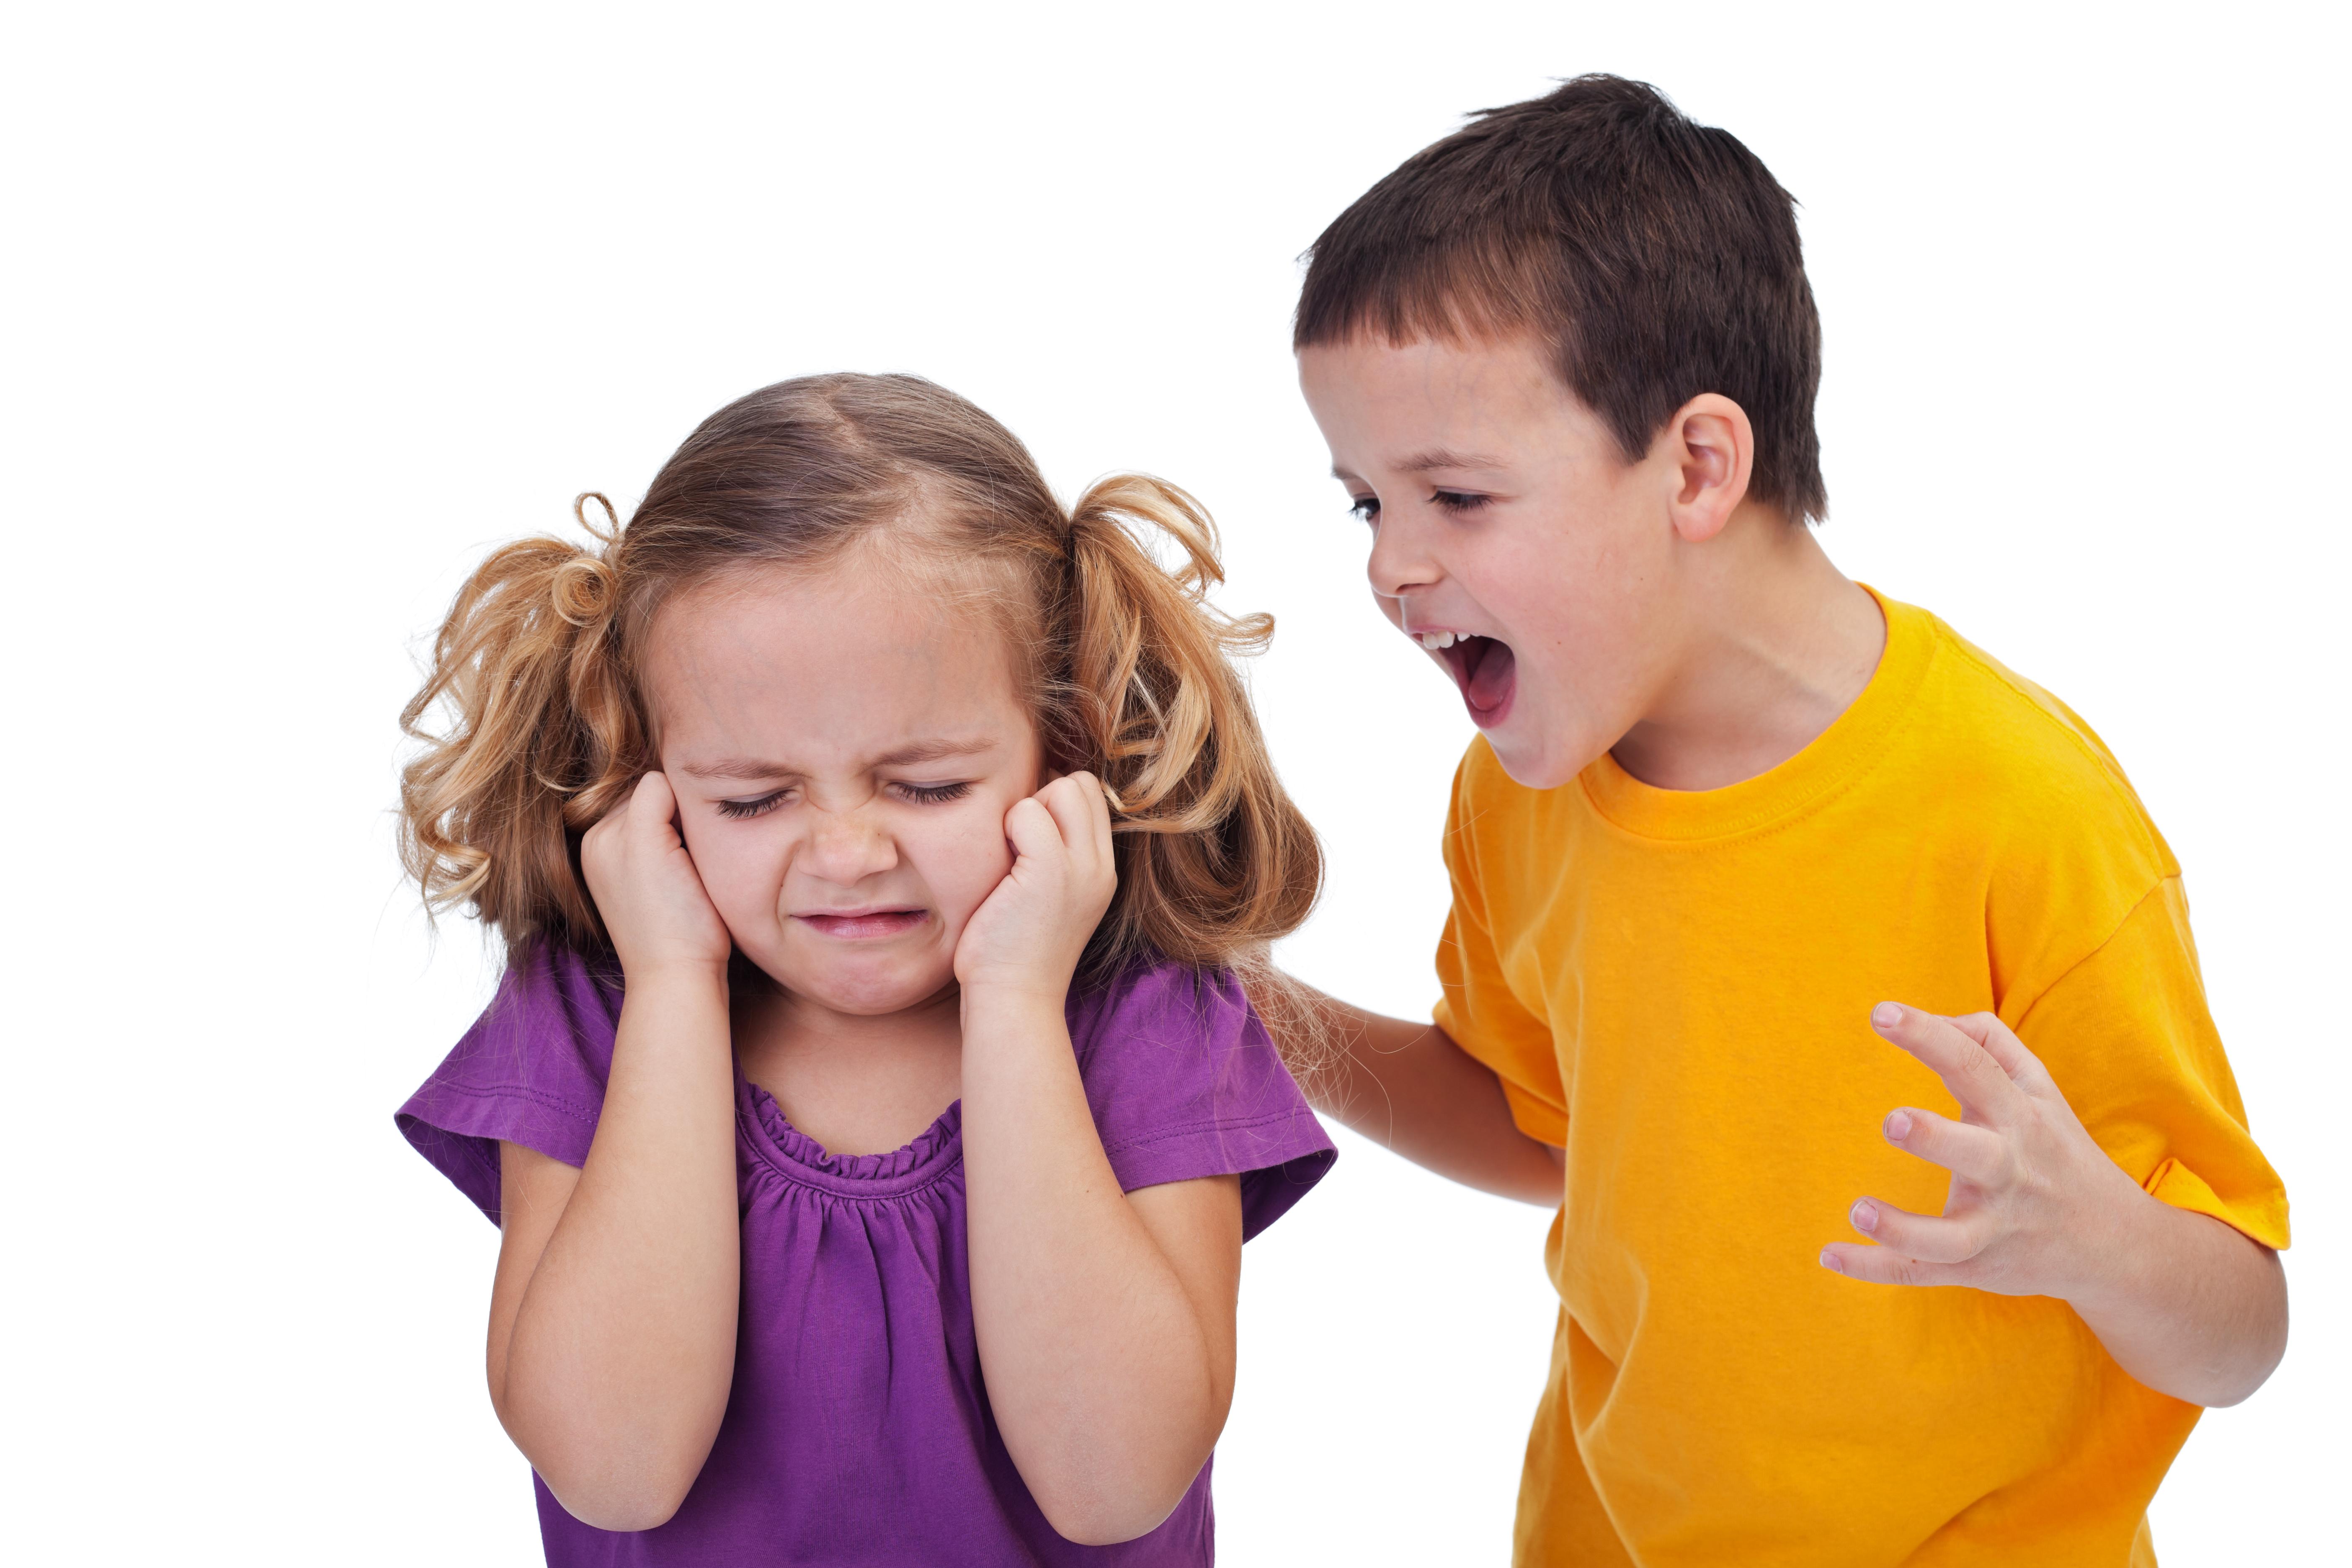 Дети кричат друг на друга фото